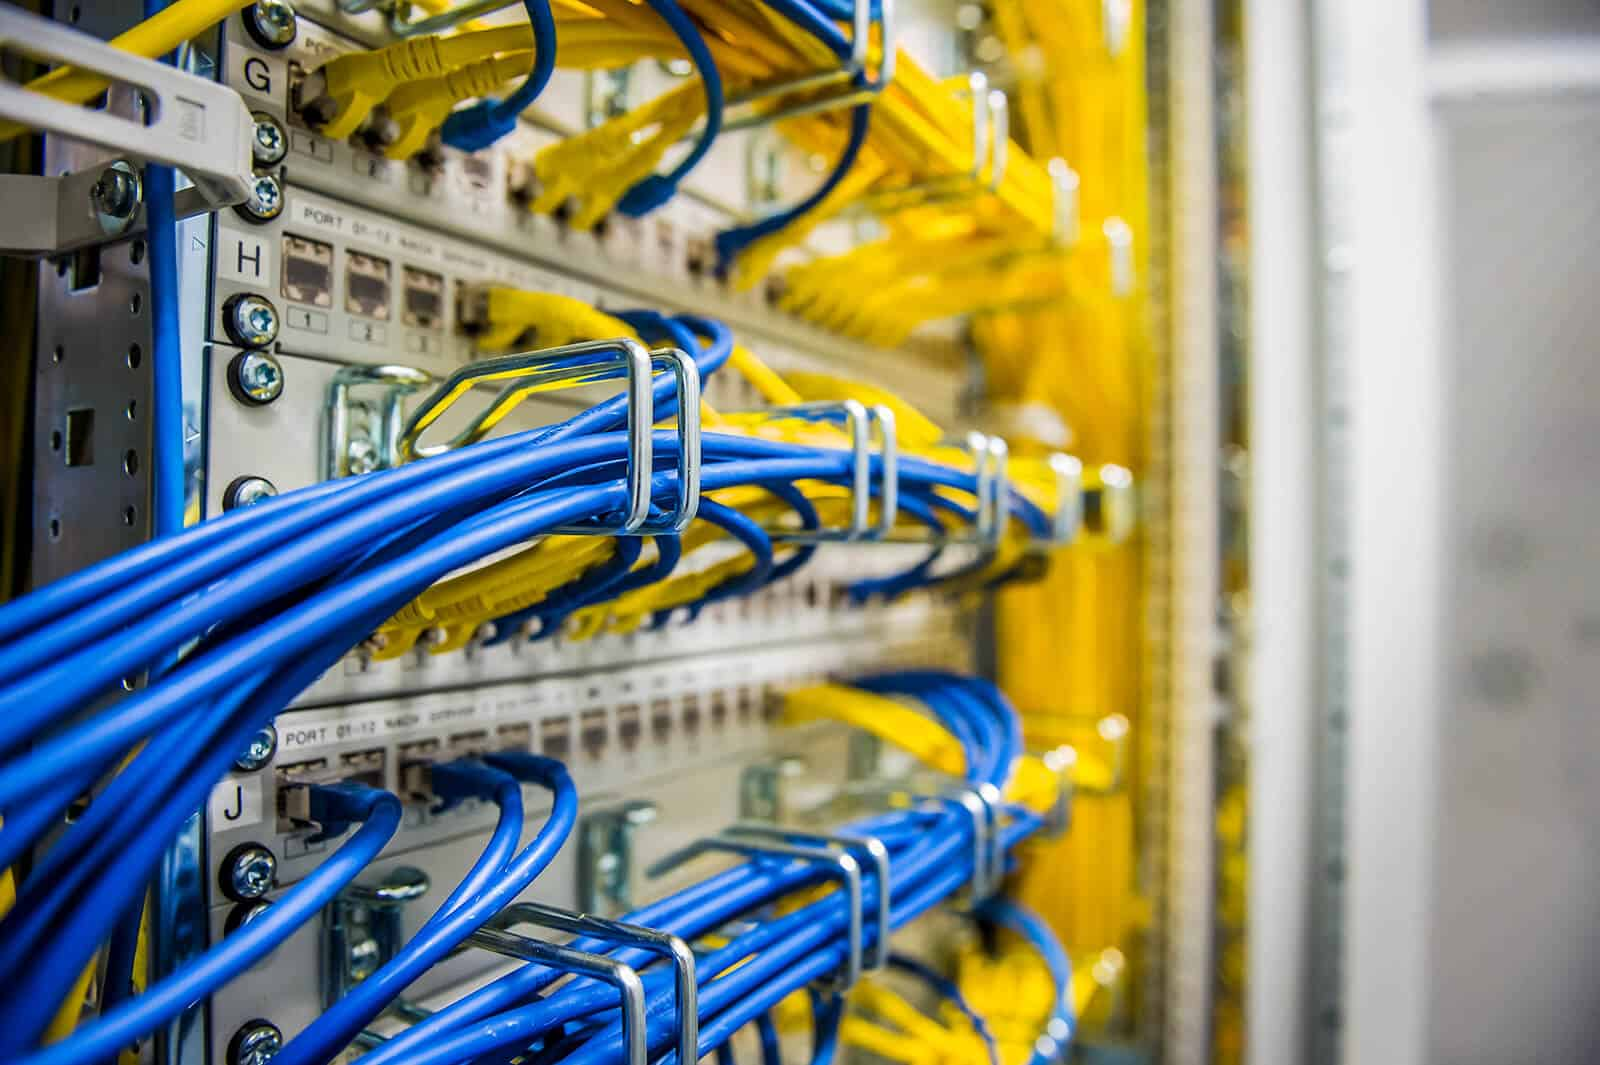 Lecos liefert IT-Infrastruktur vom Server bis zum Endgerät.